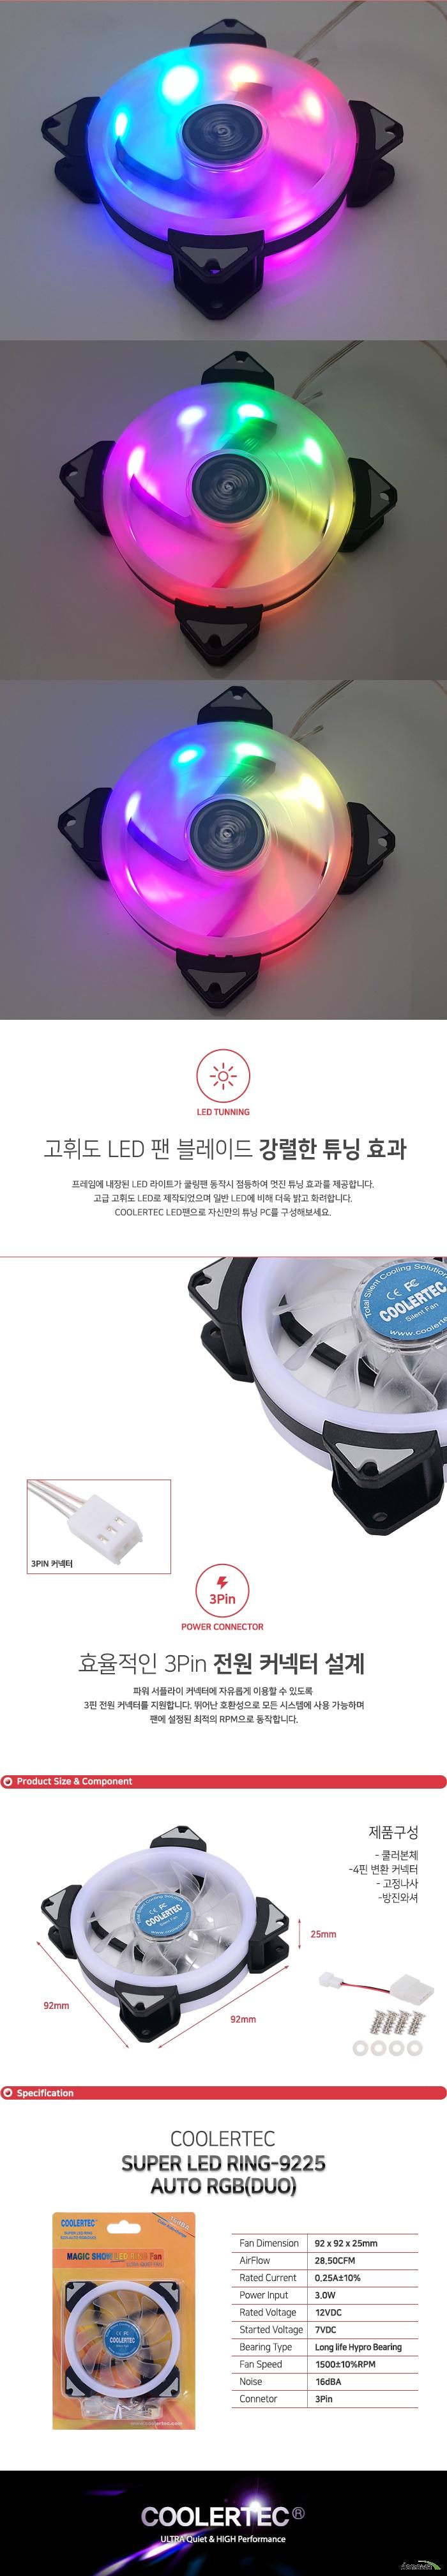 프레임에 내장된 LED 라이트가 쿨링팬 동작시 점등하여 멋진 튜닝 효과를 제공합니다. 고급 고휘도 LED로 제작되었으며 일반 LED에 비해 더욱 밝고 화려합니다. COOLERTEC LED팬으로 자신만의 튜닝 PC를 구성해보세요. 파워 서플라이 커넥터에 자유롭게 이용할 수 있도록 3핀 전원 커넥터를 지원합니다. 뛰어난 호환성으로 모든 시스템에 사용 가능하며 팬에 설정된 최적의 RPM으로 동작합니다.